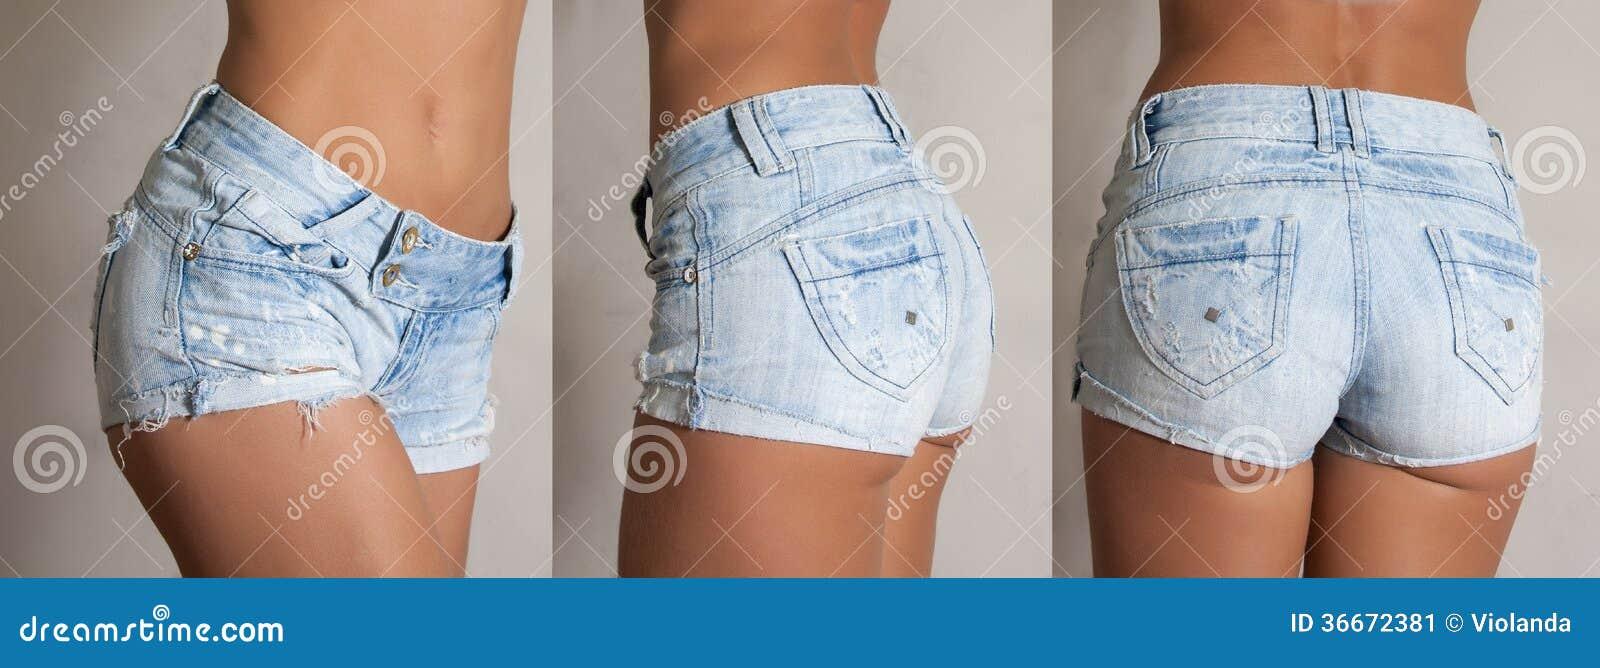 Chica quitándose los pantalones cortos